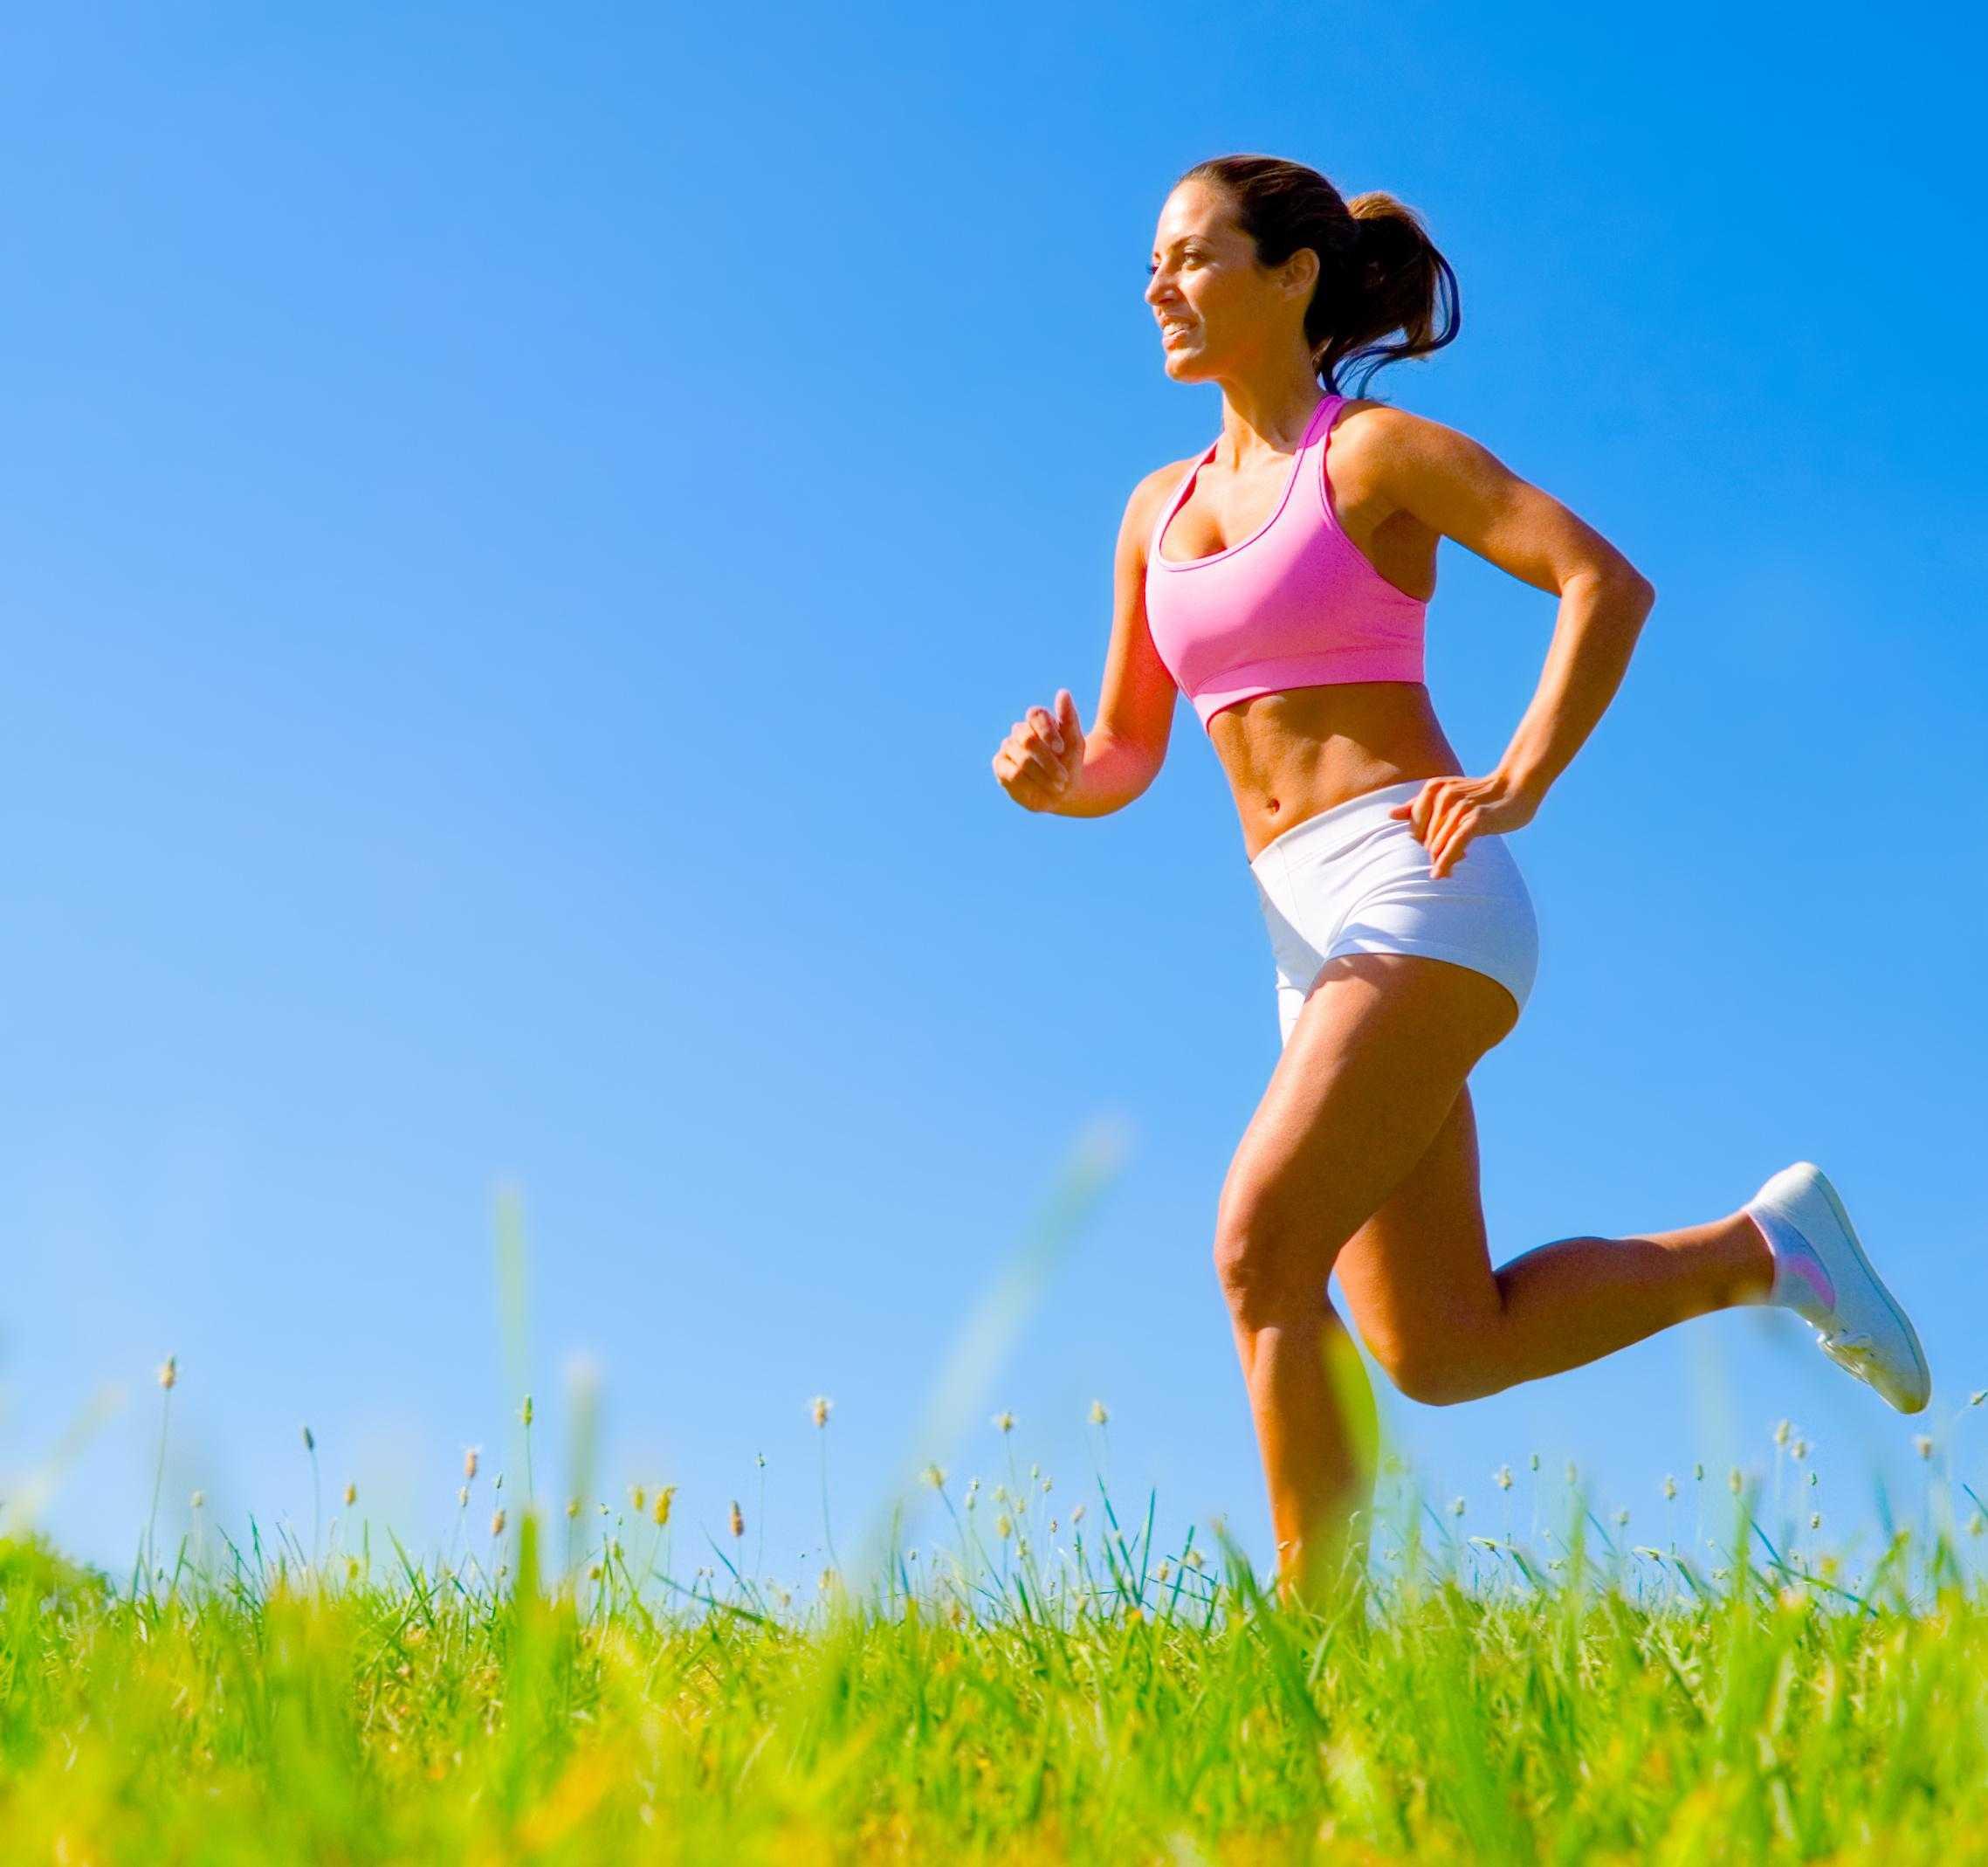 Самые эффективные упражнения для поддержания формы :: тренировки ::  «живи!